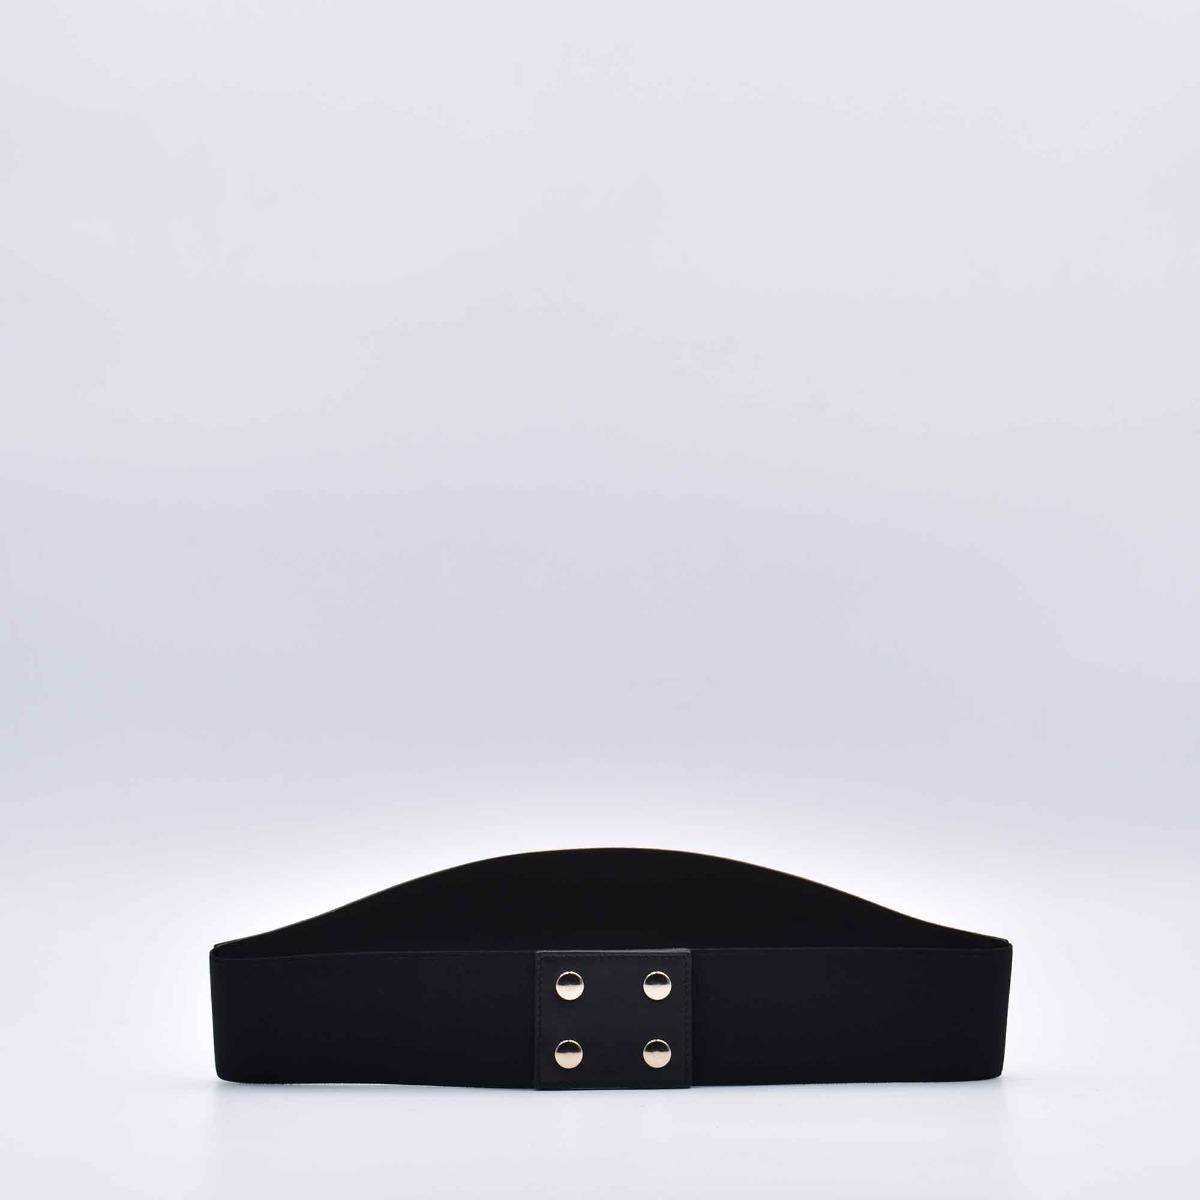 Cintura larga maxi logo- Nero